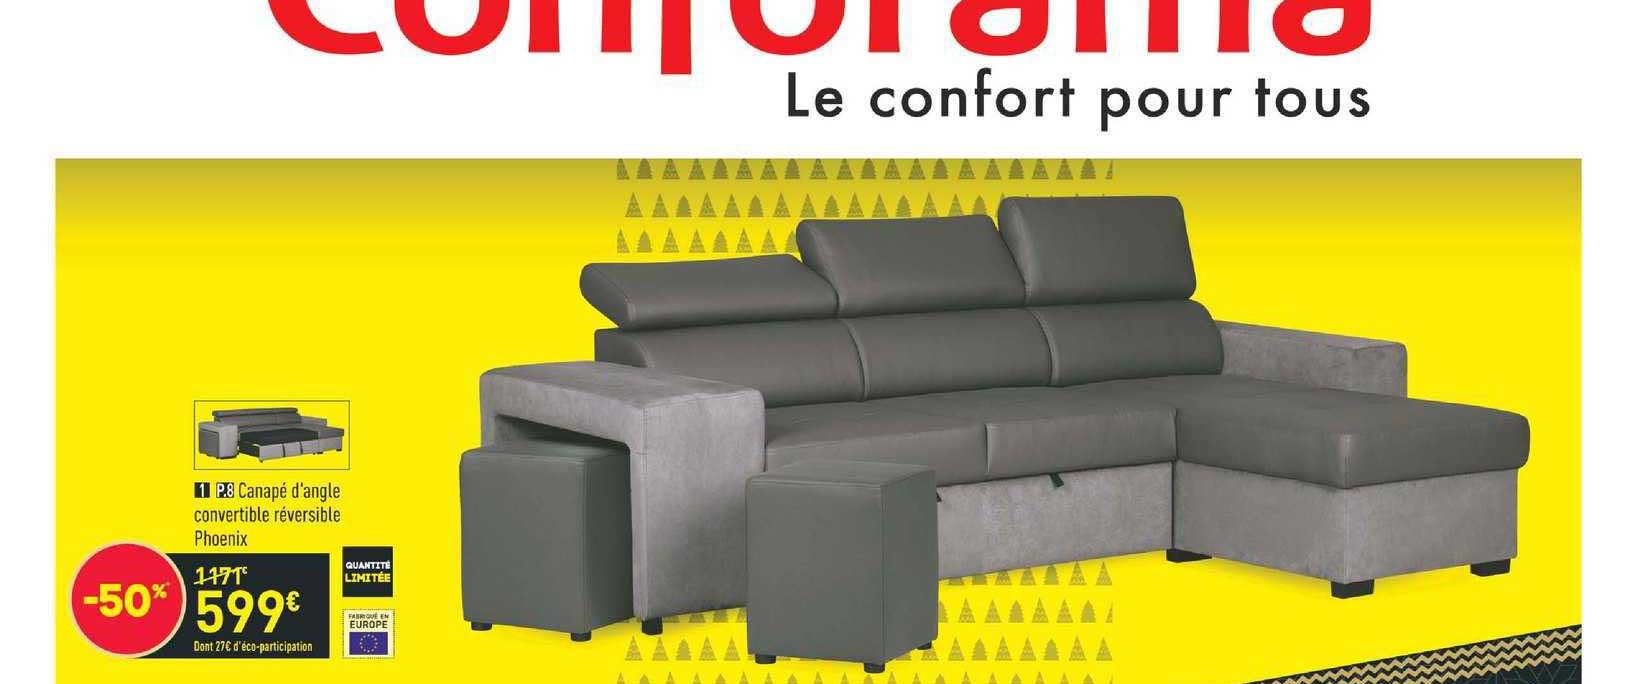 Offre Canapé D'Angle Convertible Calista Chez Conforama concernant Canapé Bravo Conforama